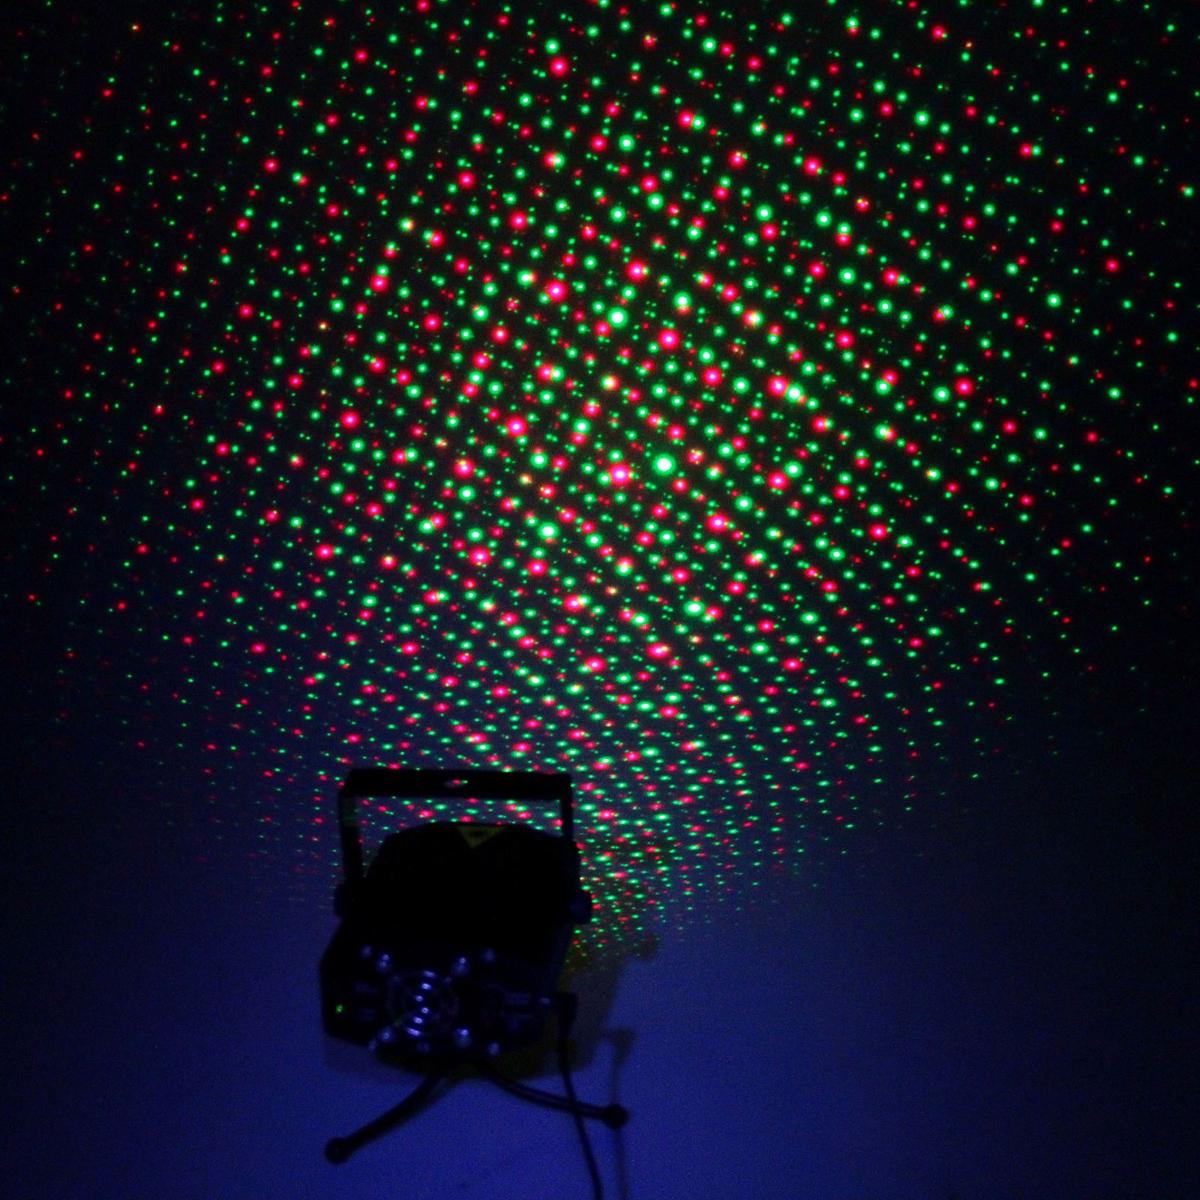 Световой прибор Sima-land, 1 картинка, корпус металл, С01А, 220V867684Светодиодные гирлянды, ленты и т.д — это отличный вариант для новогоднего оформления интерьера или фасада. С их помощью помещение любого размера можно превратить в праздничный зал, а внешние элементы зданий, украшенные ими, мгновенно станут напоминать очертания сказочного дворца. Такие украшения создают ауру предвкушения чуда. Деревья, фасады, витрины, окна и арки будто специально созданы, чтобы вы украсили их светящимися нитями.